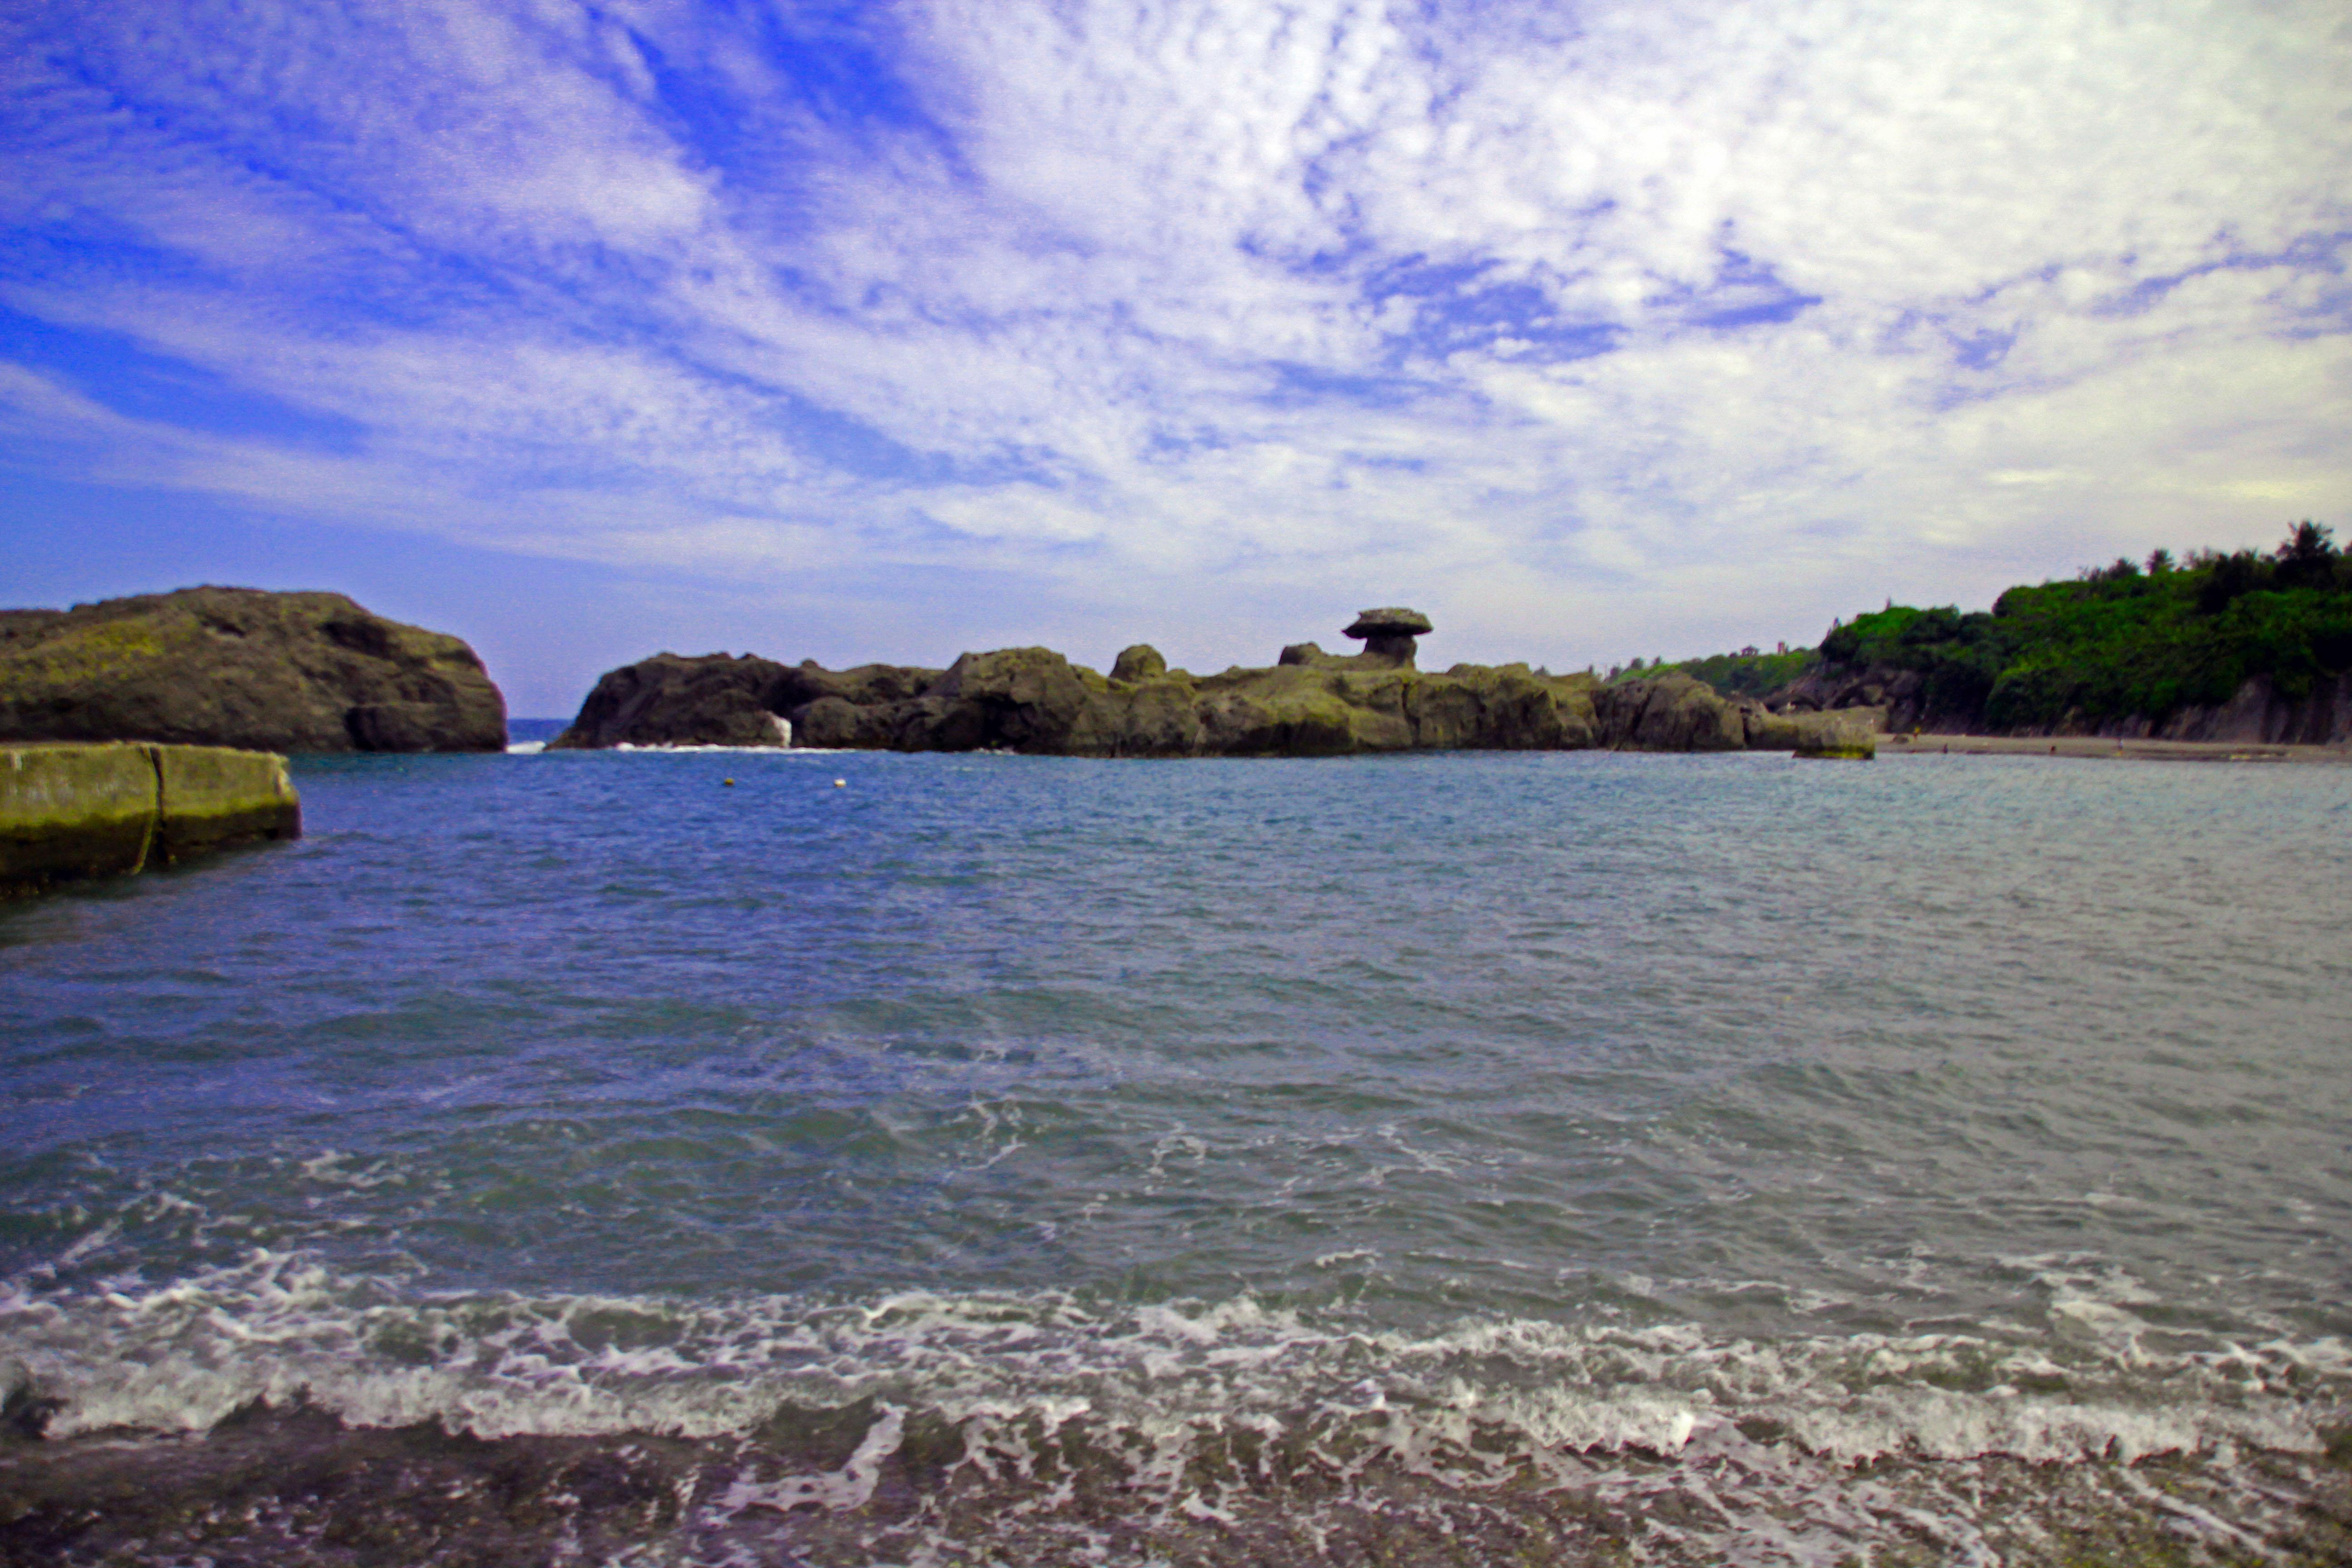 石雨傘東海岸之旅—豔陽和大海交織的樂章 – LUKA LUNA x 鹿角海月